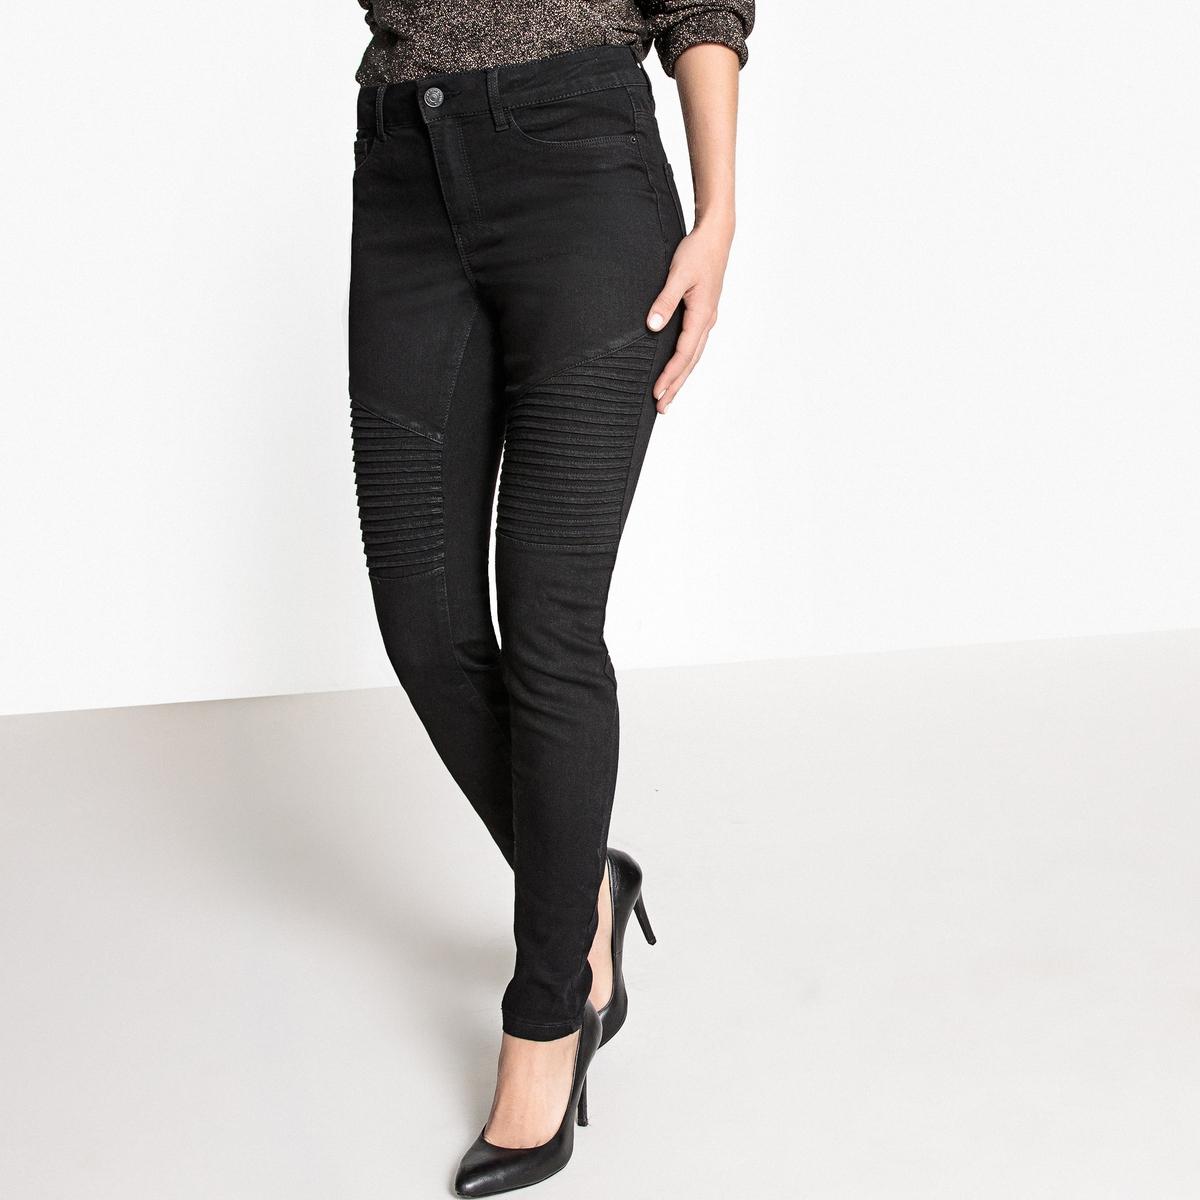 Узкие джинсыОписание •  Узкий покрой •  Стандартная талия Состав и уход •  23% вискозы, 36% хлопка, 3% эластана, 38% полиэстера •  Следуйте рекомендациям по уходу, указанным на этикетке изделия<br><br>Цвет: черный<br>Размер: XS